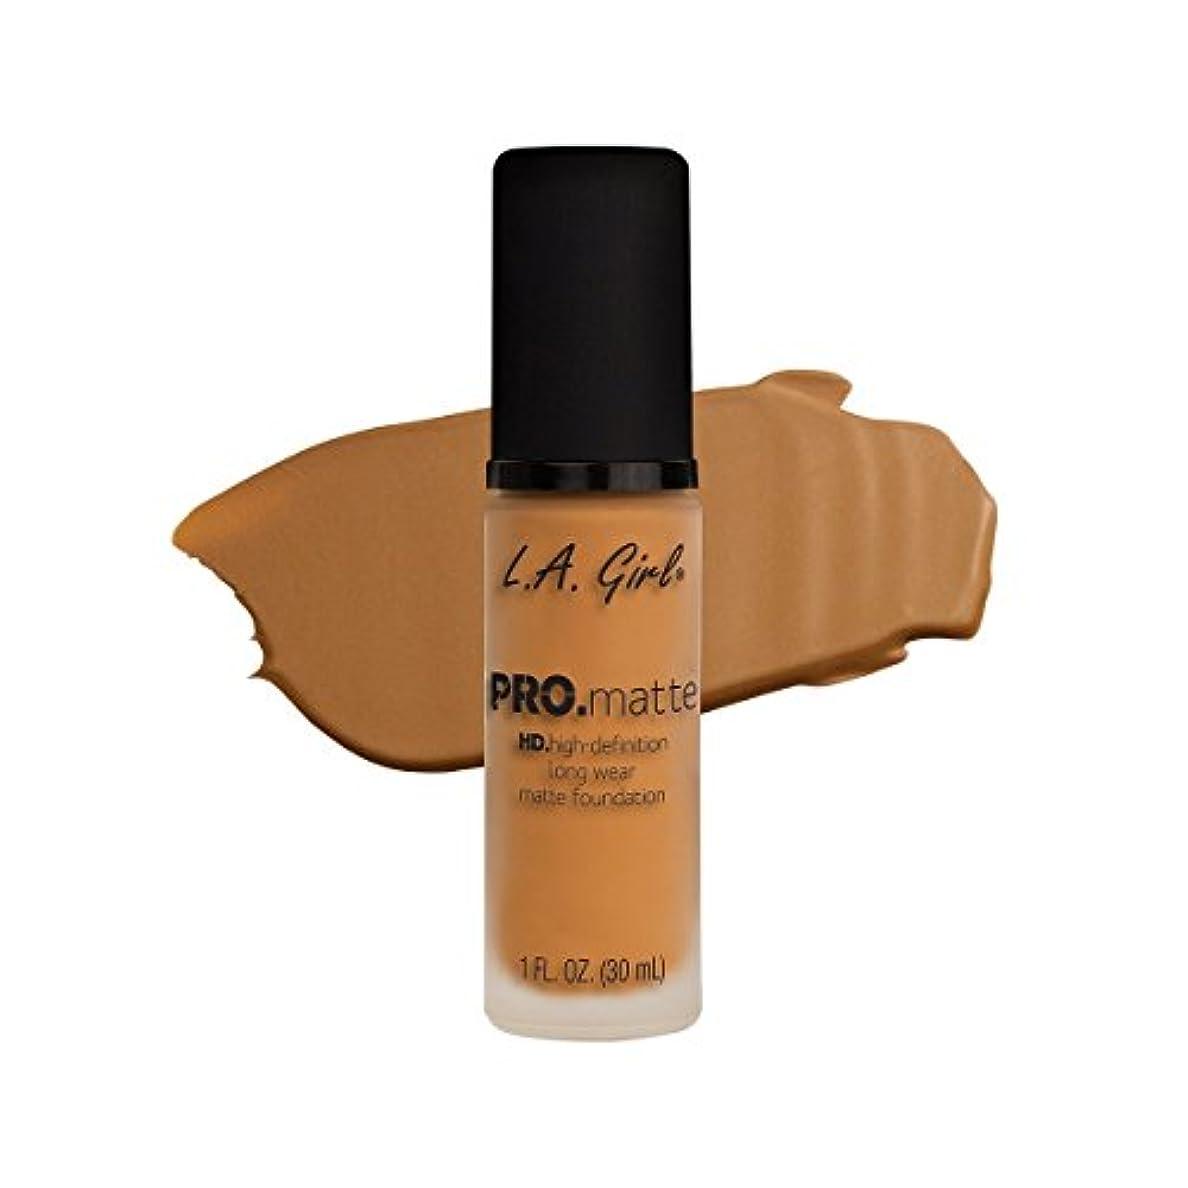 遮るうつ教養がある(6 Pack) L.A. GIRL Pro Matte Foundation - Golden Bronze (並行輸入品)